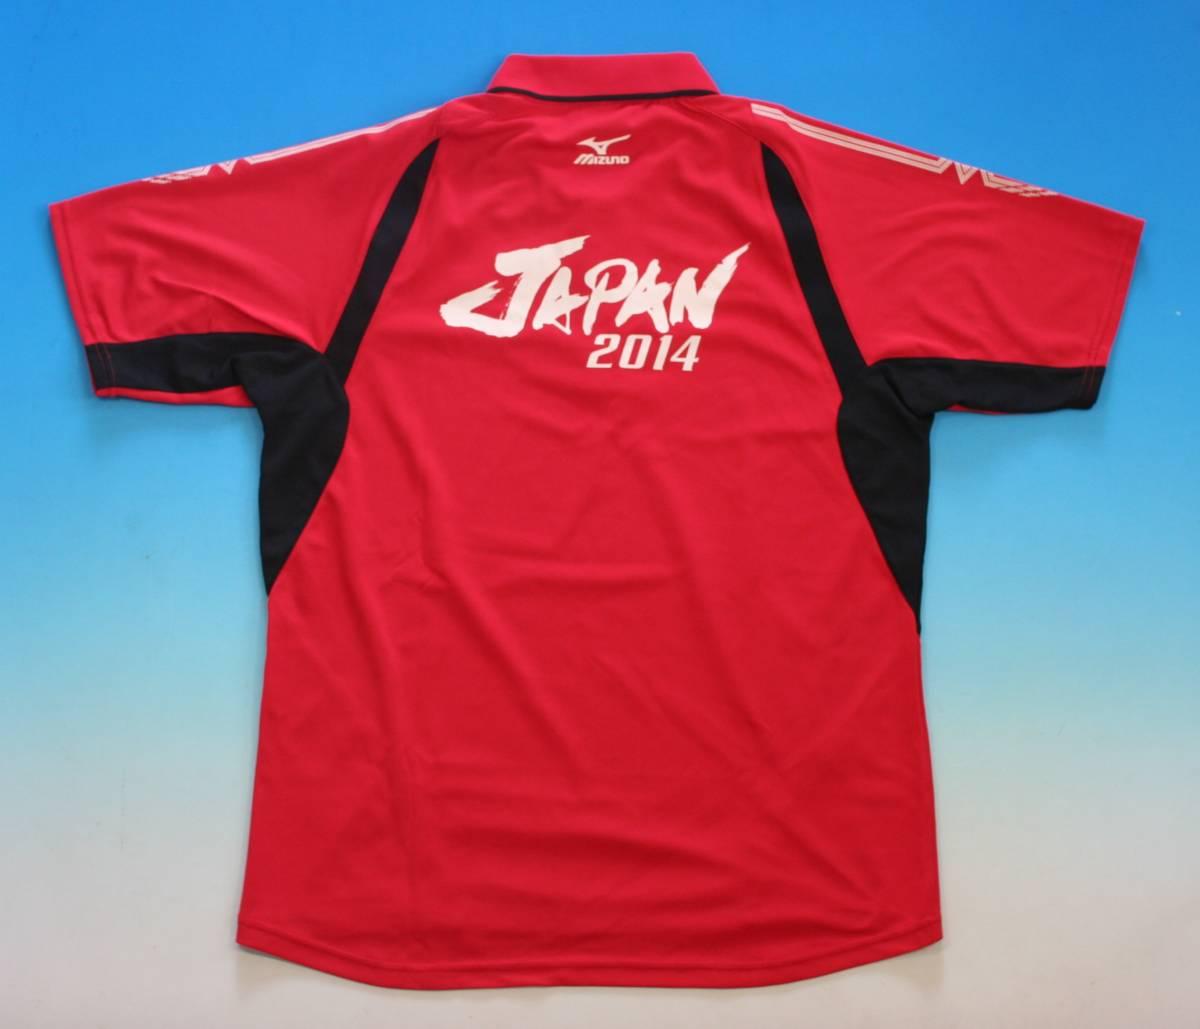 非売品★ MIZUNO(ミズノ)ソフトテニス日本代表 JAPAN ゲームシャツ(レッド)+プラシャツの2枚組_画像3